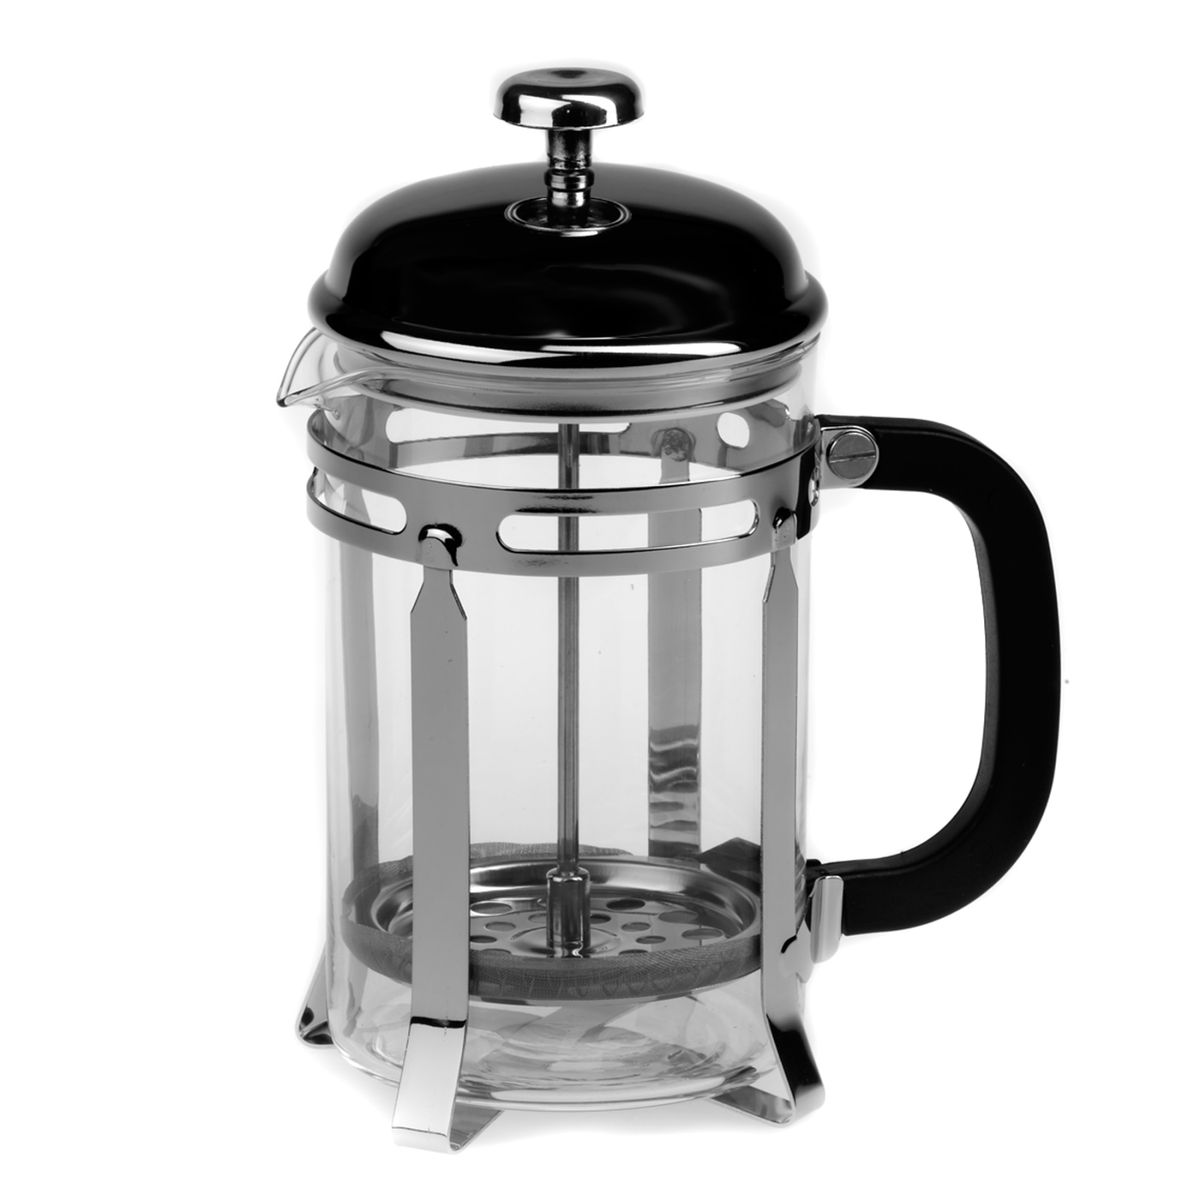 Френч-пресс Gotoff, 800 млVT-1520(SR)Френч-пресс Gotoff представляет собой гибрид заварочного чайника и кофейника. Колба выполнена из жаропрочного стекла, корпус, крышка и поршень изготовлены из нержавеющей стали. Ручка пластиковая. Изделие легко разбирается и моется. Прозрачные стенки чайника дают возможность наблюдать за насыщением напитка, а поршень позволяет с легкостью отжать самый сок от заварки и получить напиток с насыщенным вкусом. Заварочный чайник - постоянно используемый предмет посуды, который необходим на каждой кухне. Френч-пресс Gotoff займет достойное место среди аксессуаров на вашей кухне. Можно мыть в посудомоечной машине. Диаметр (по верхнему краю): 10 см. Высота чайника: 21 см.